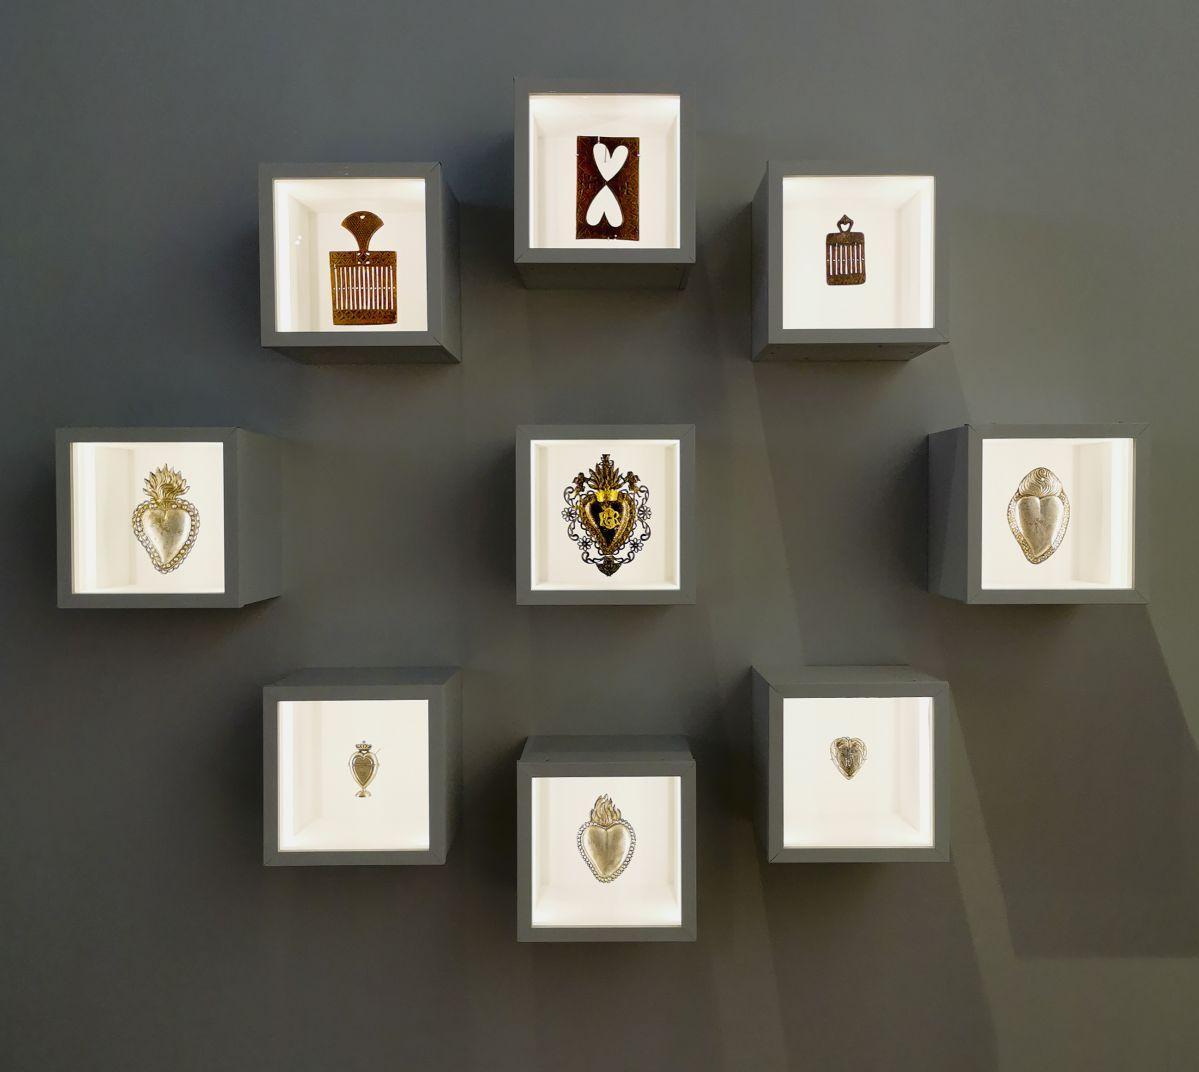 Ex voto, pasettes à ruban et plioir à dentelles - Jeff Koons au Mucem - Œuvres de la Collection Pinault - Salle 5 - vue de l'exposition